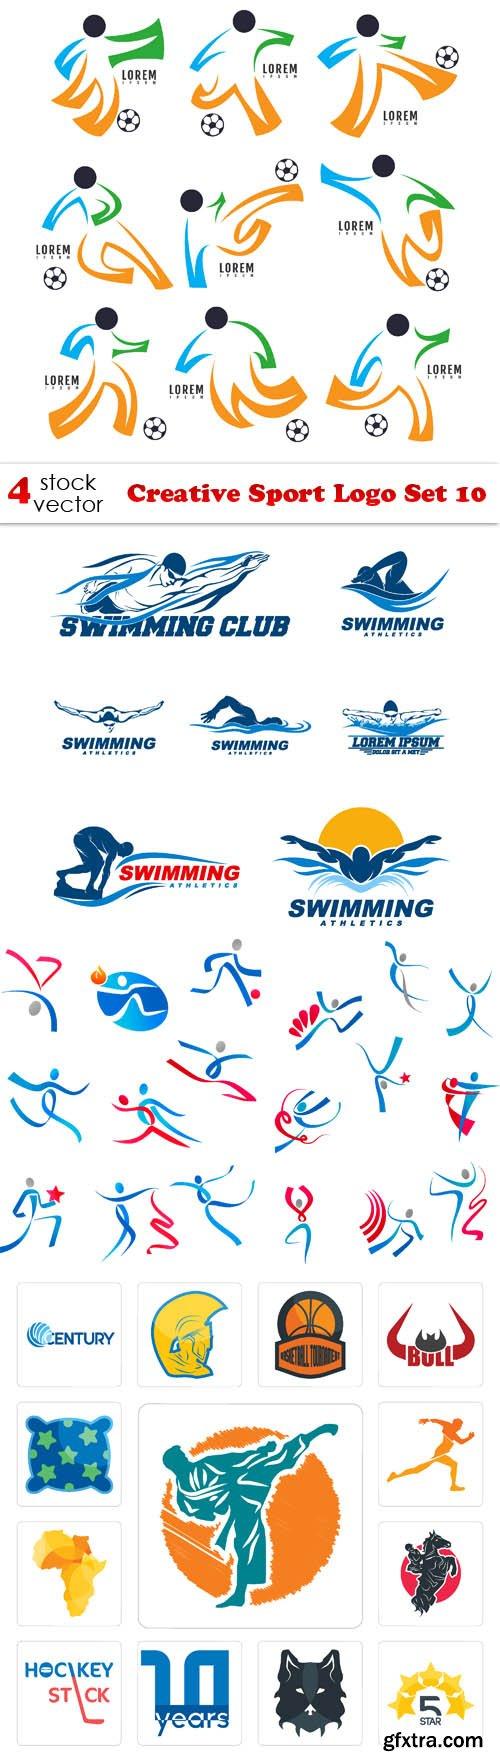 Vectors - Creative Sport Logo Set 10